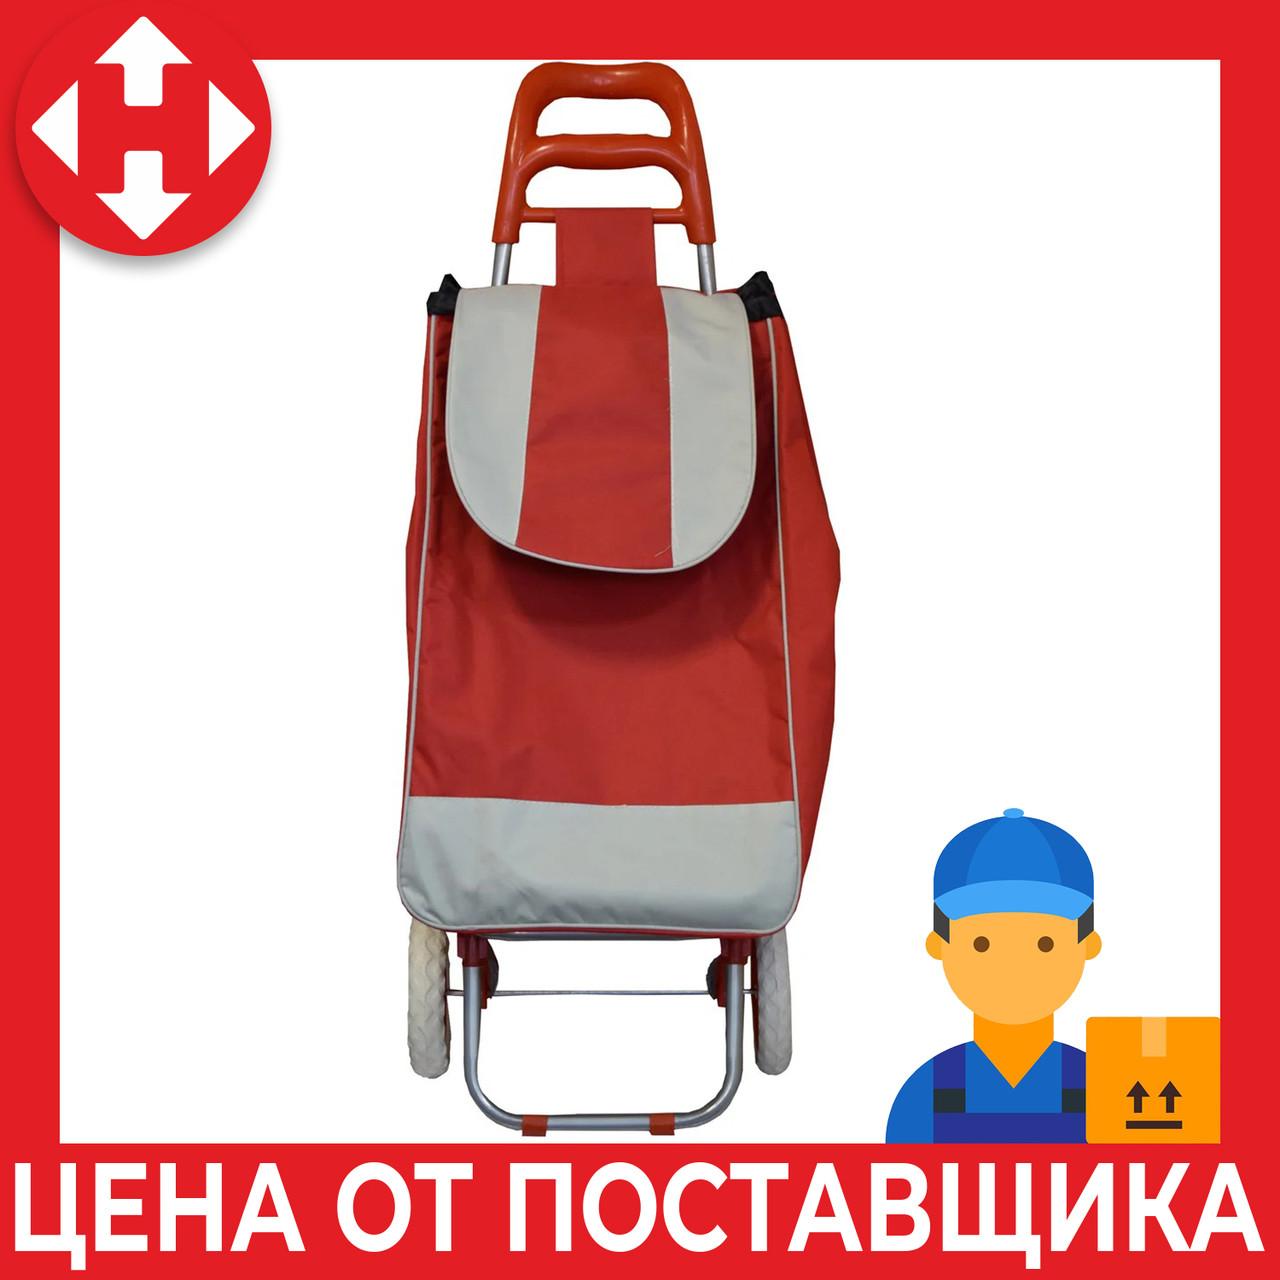 Сумка хозяйственная на колесах, Красная, дорожная Двухцветная